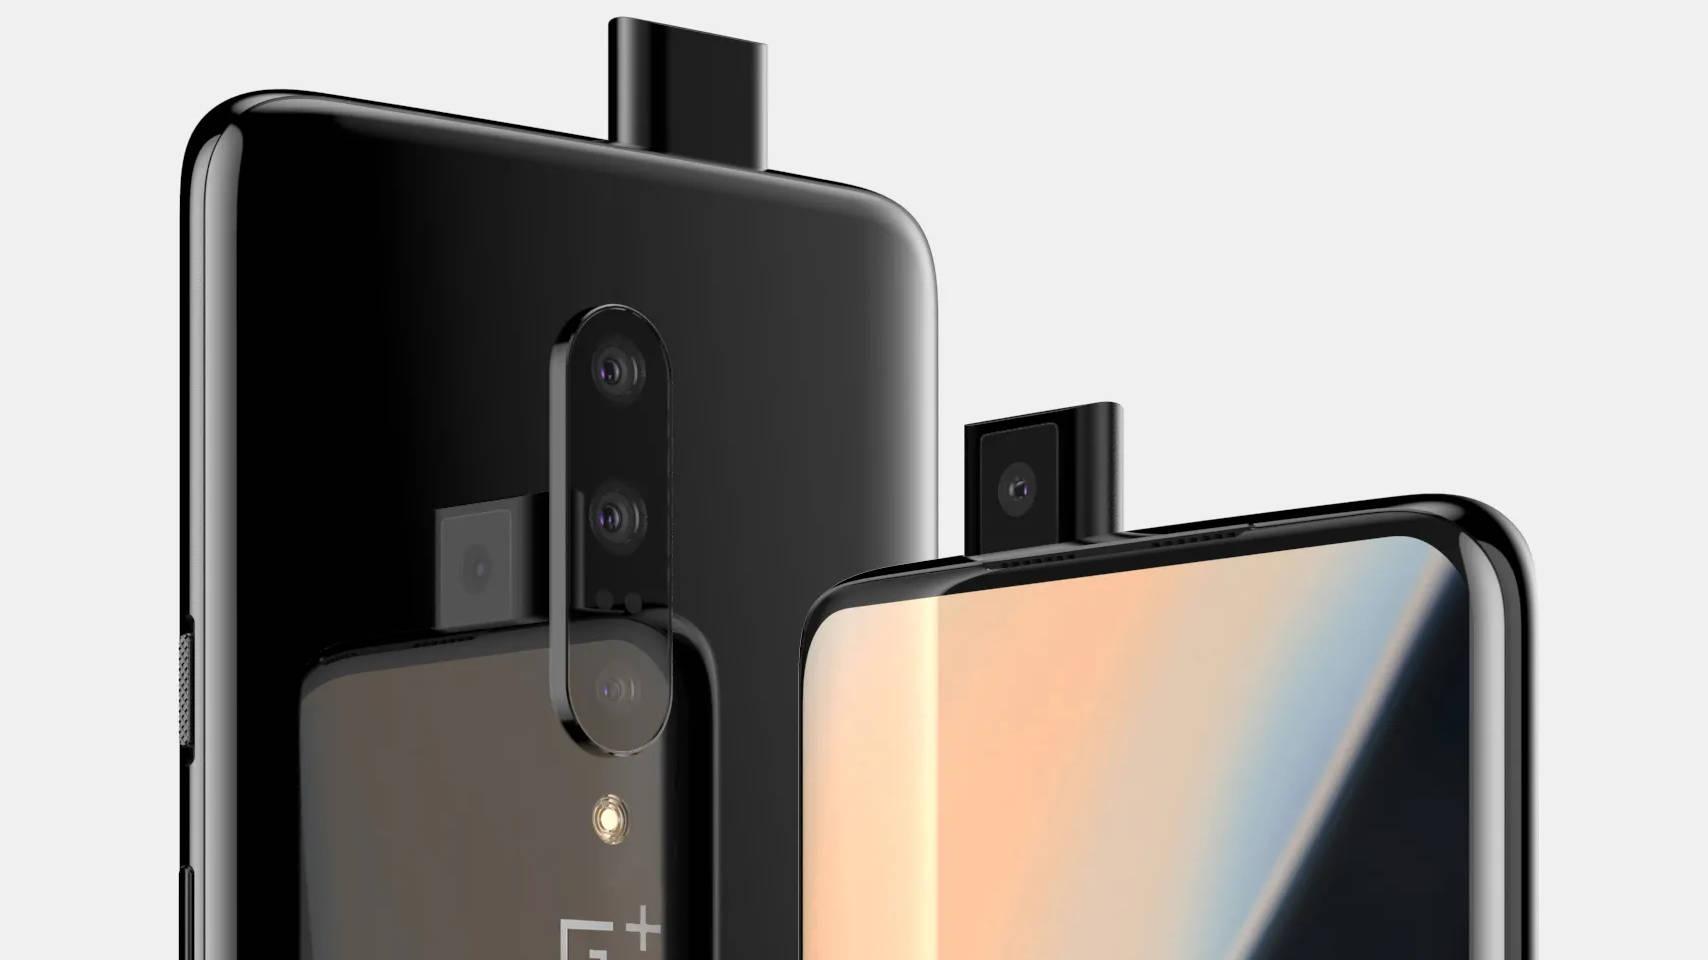 OnePlus 7 Pro 5G kiedy premiera cena opinie gdzie kupić najtaniej w Polsce specyfikacja techniczna Oppo F11 Pro plotki przecieki